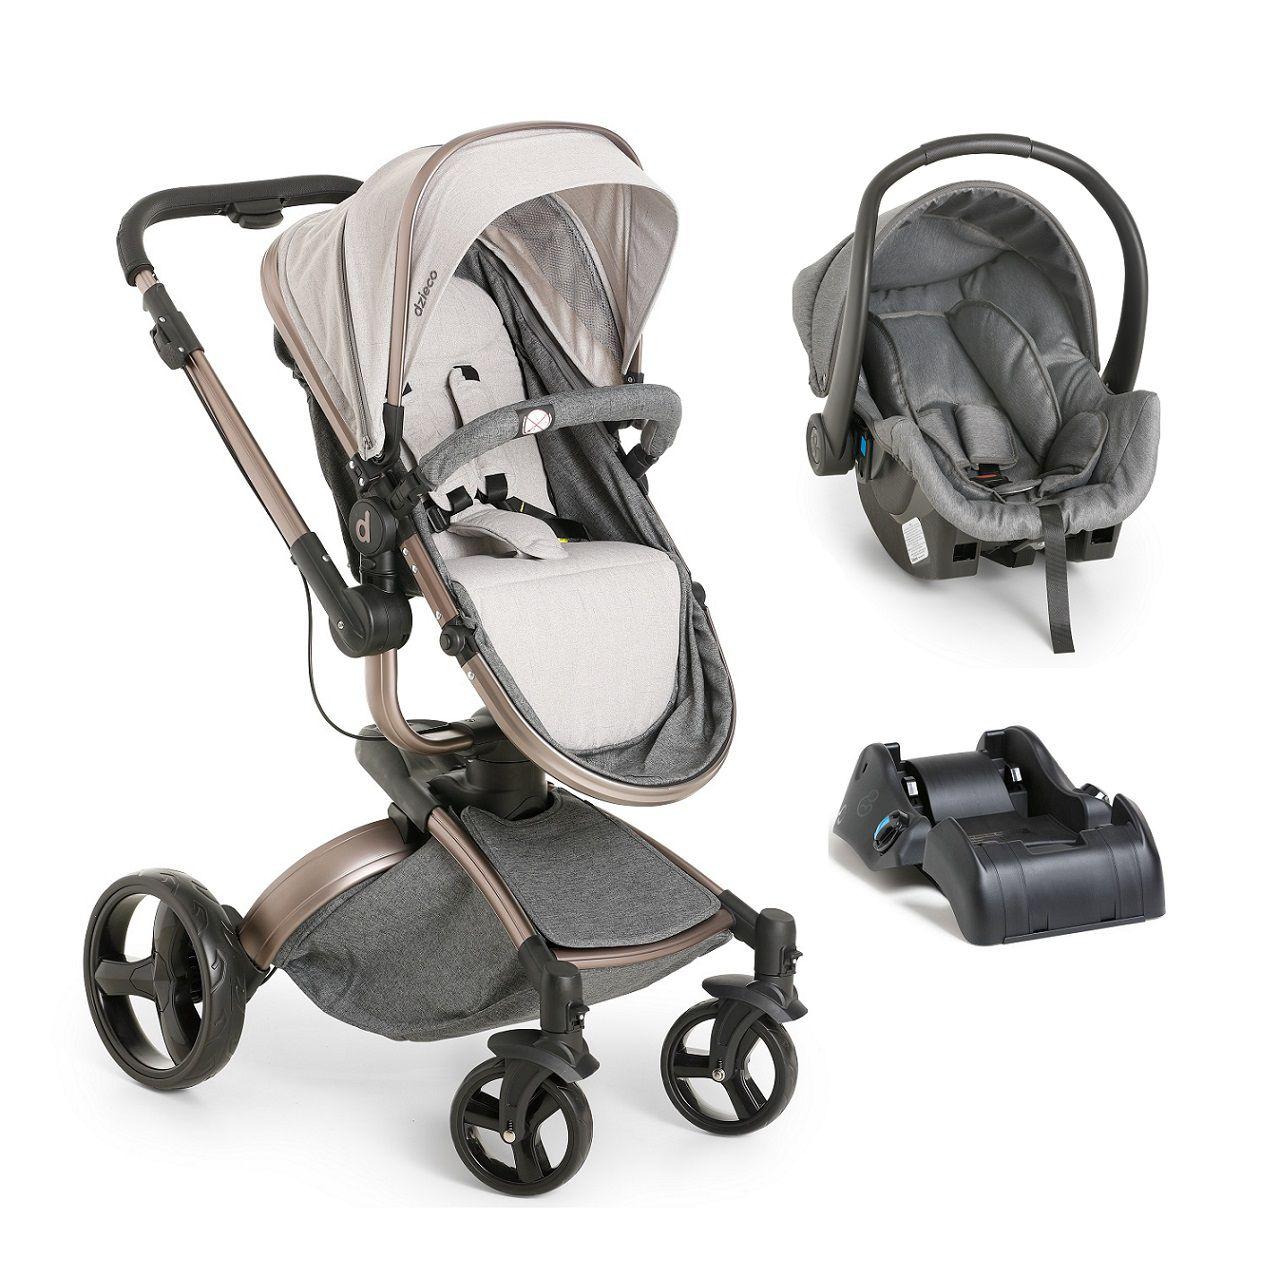 Carrinho De Bebê Travel System Galzerano Vulkan Multi Posições –  Cinza e Cobre + Bebê Conforto + Base